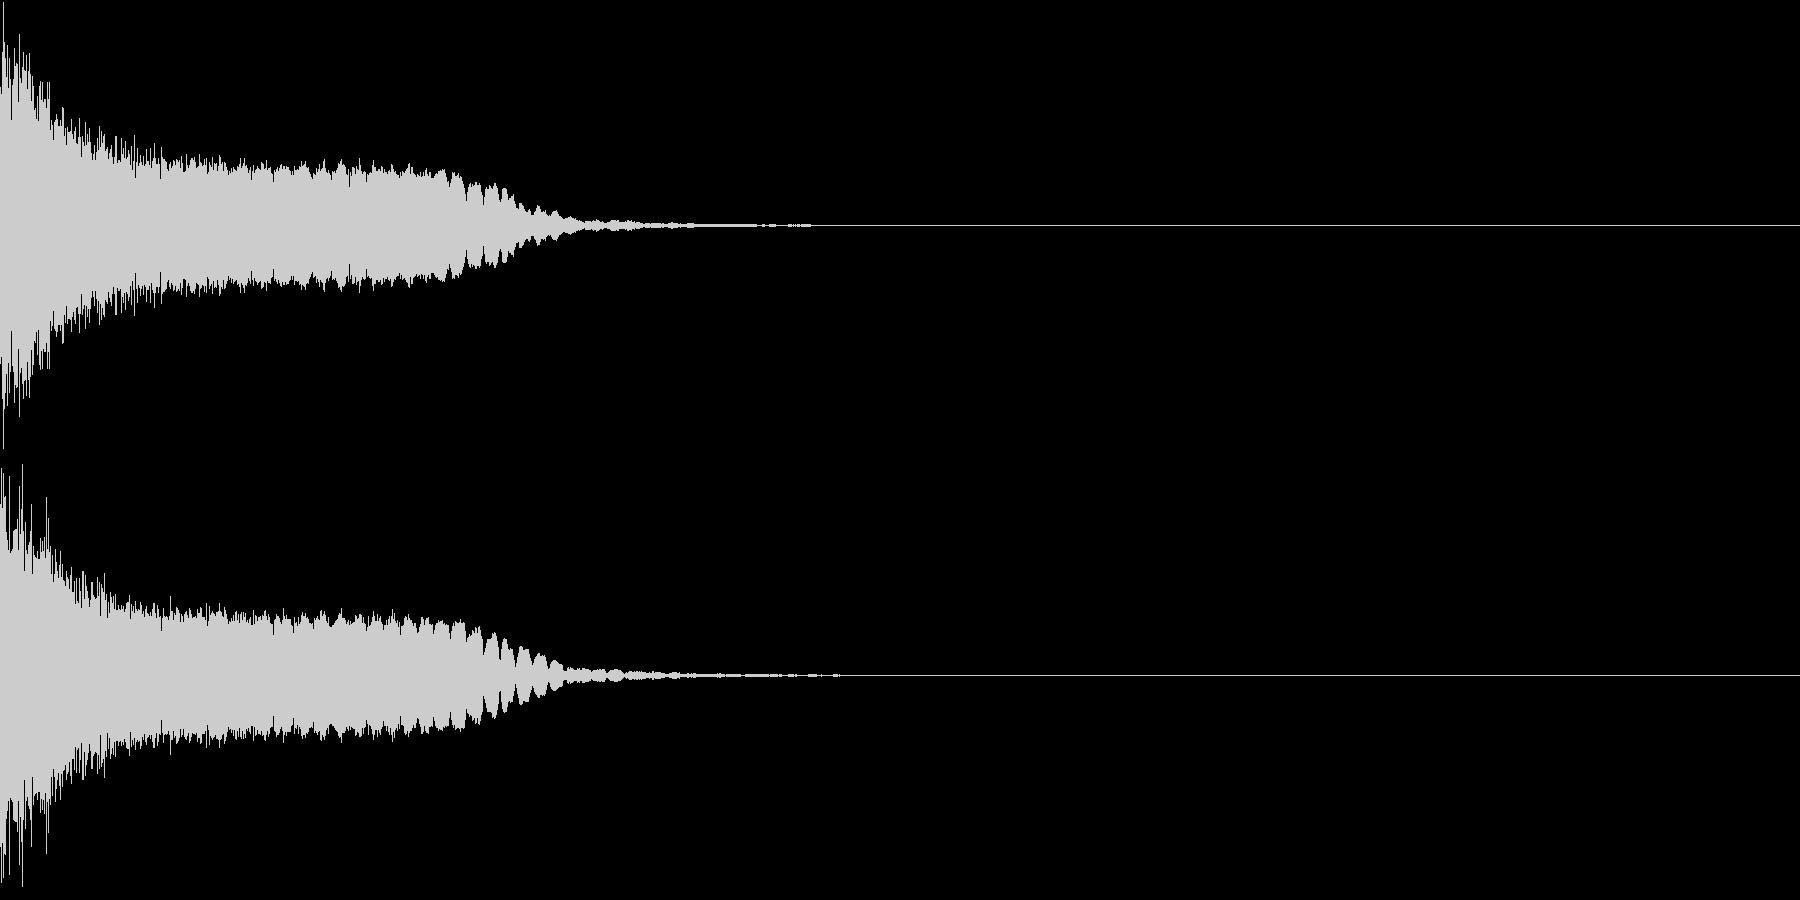 刀 剣 カキーン シャキーン 目立つ07の未再生の波形